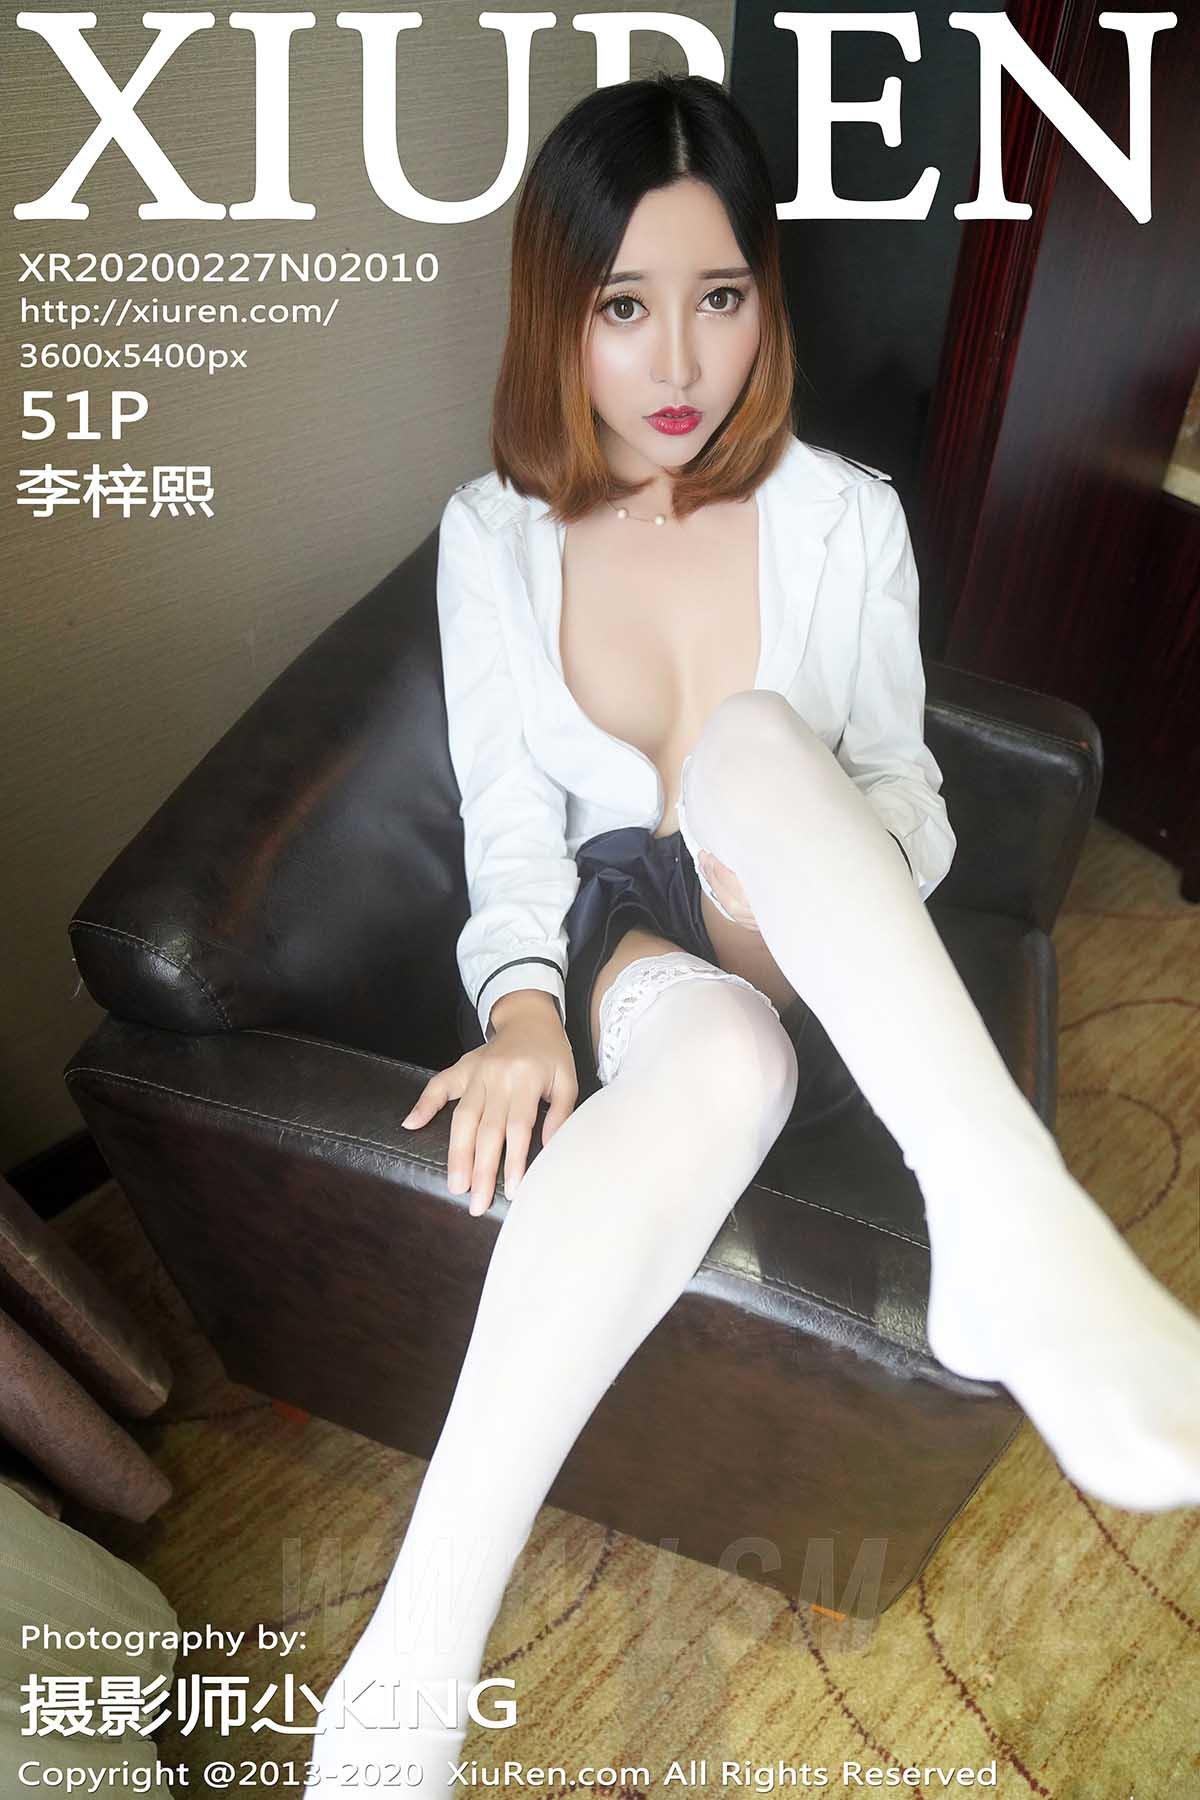 李梓熙(Vol. 2010) 性感mm-第1张